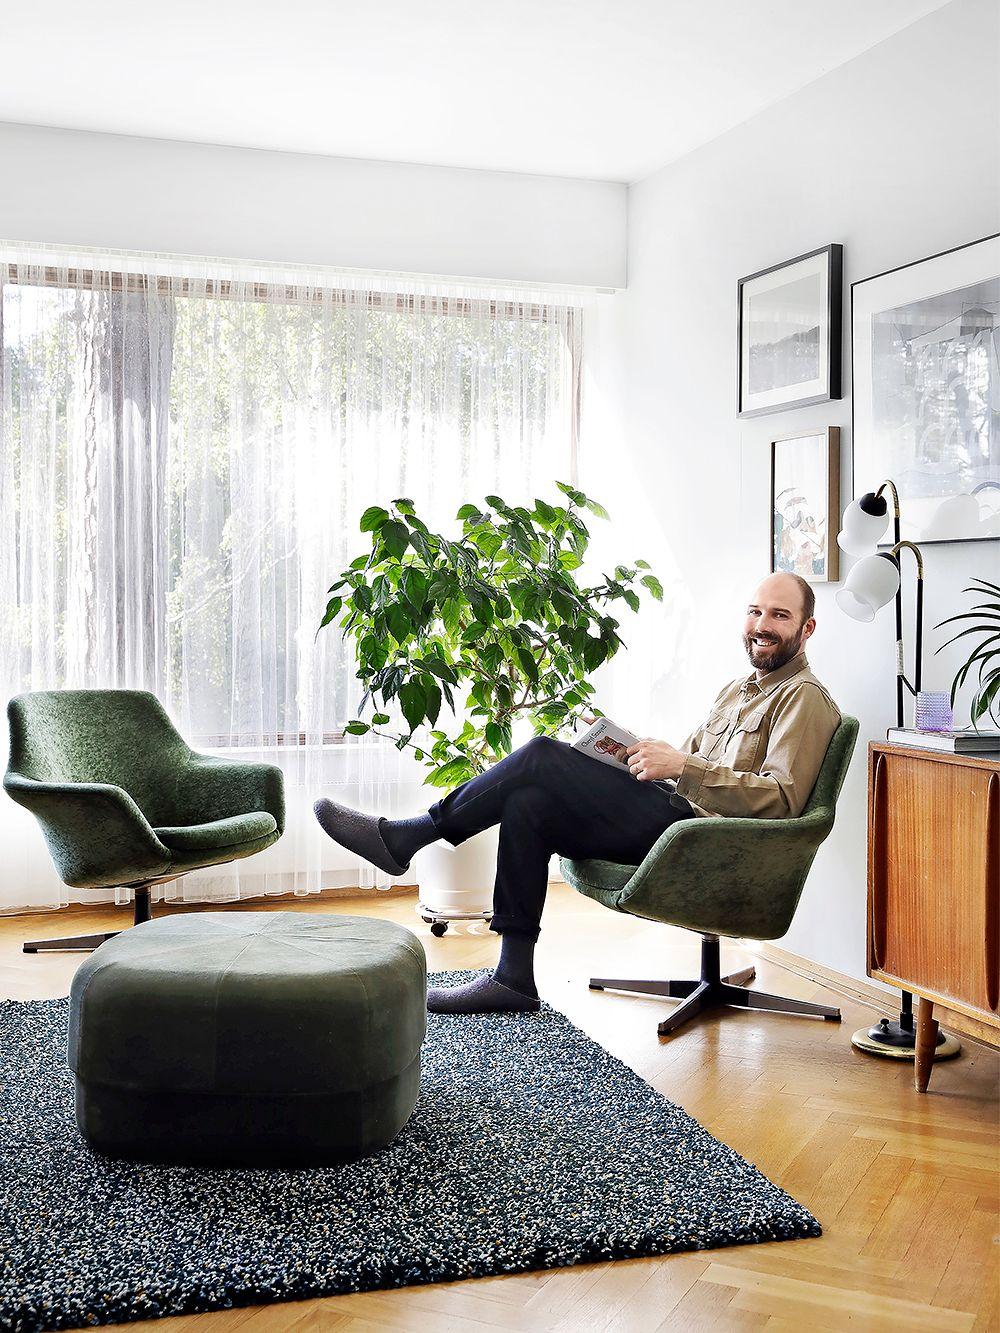 Antti-Jussi Silvennoinen